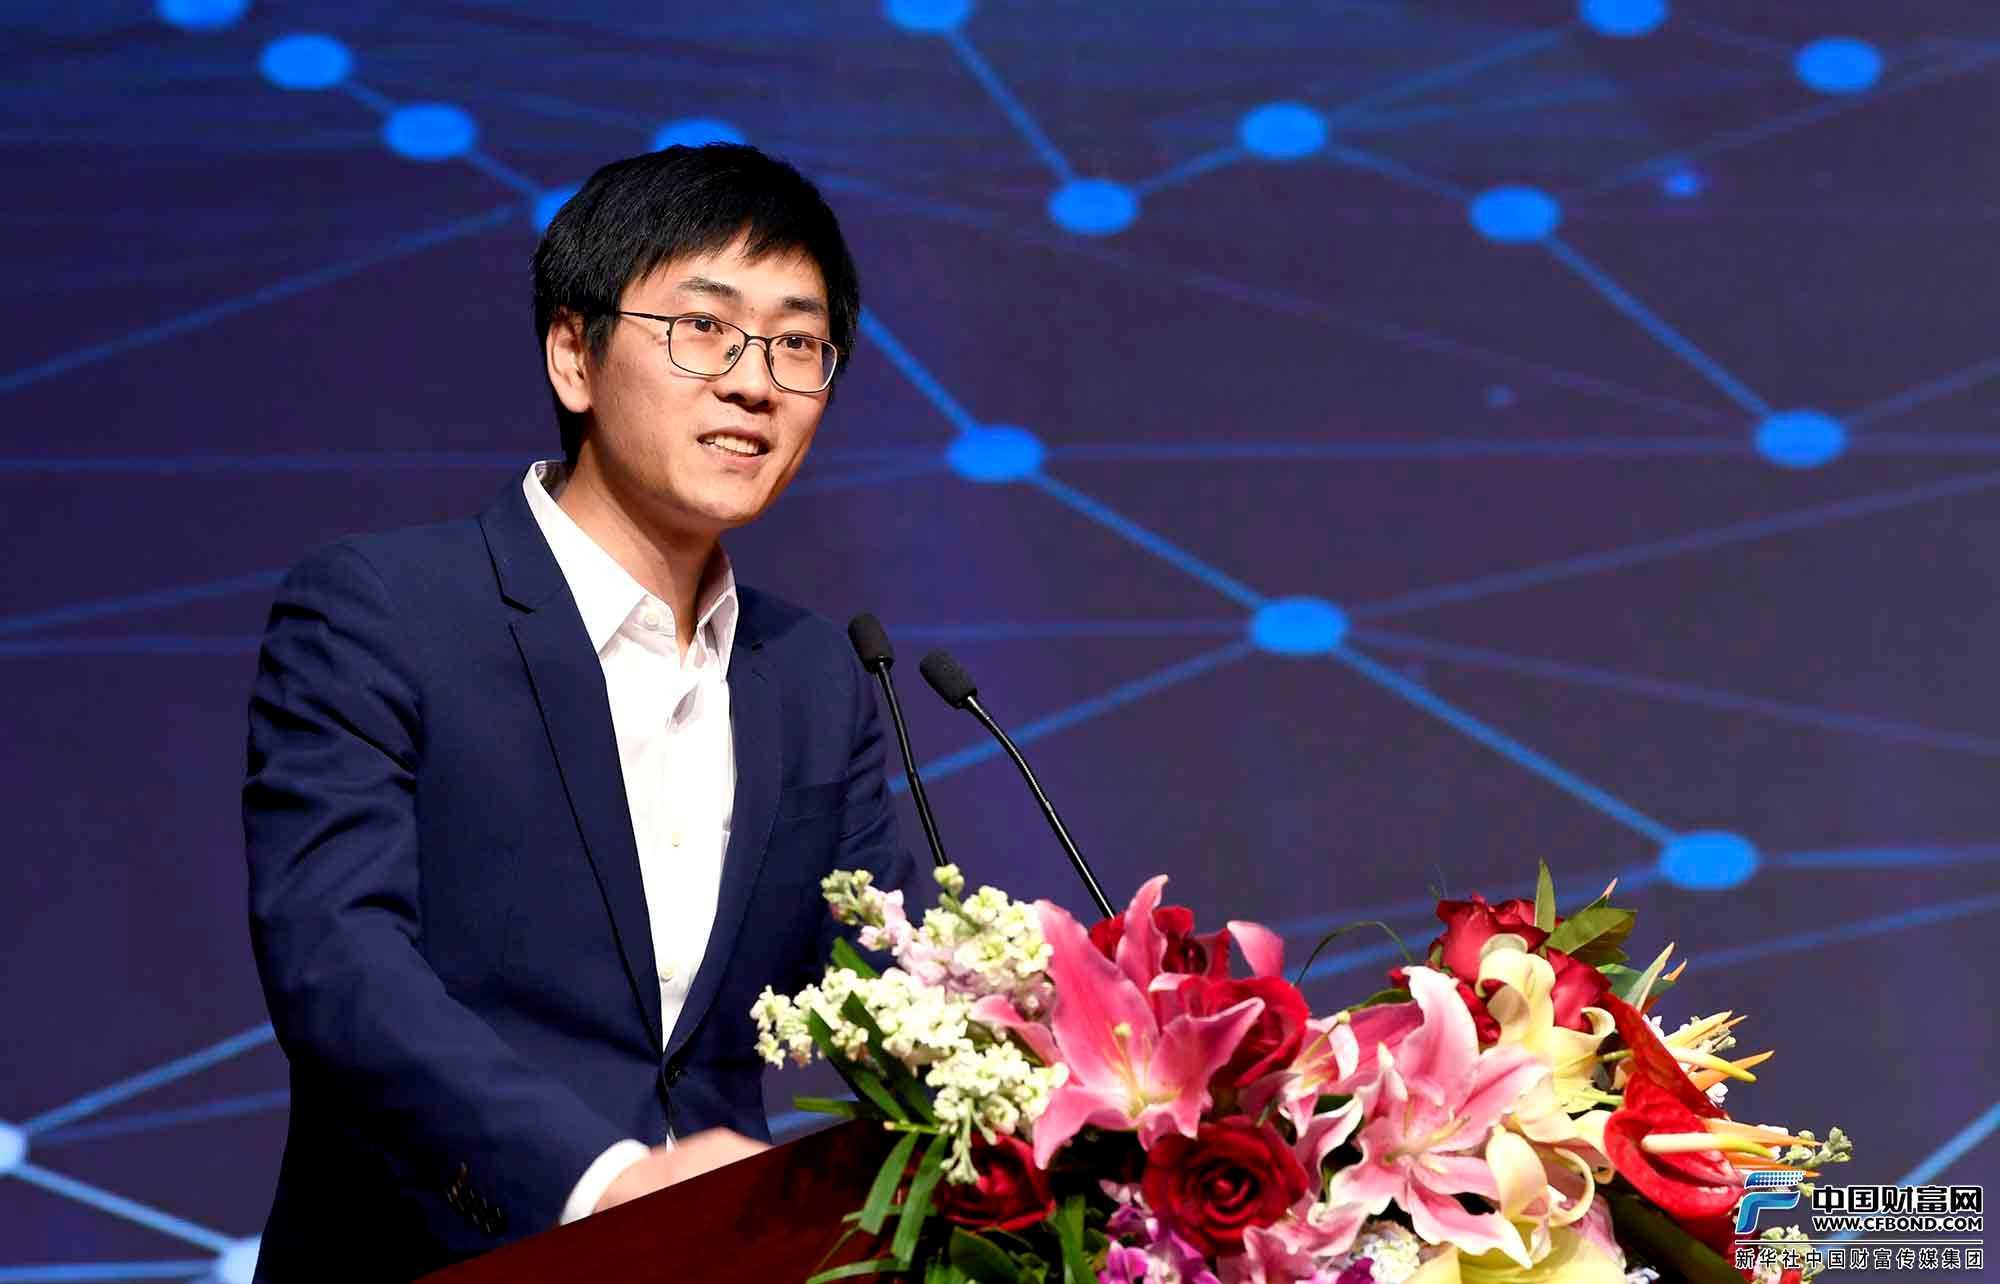 专题演讲:联合资信评估有限公司评级副总监刘克东